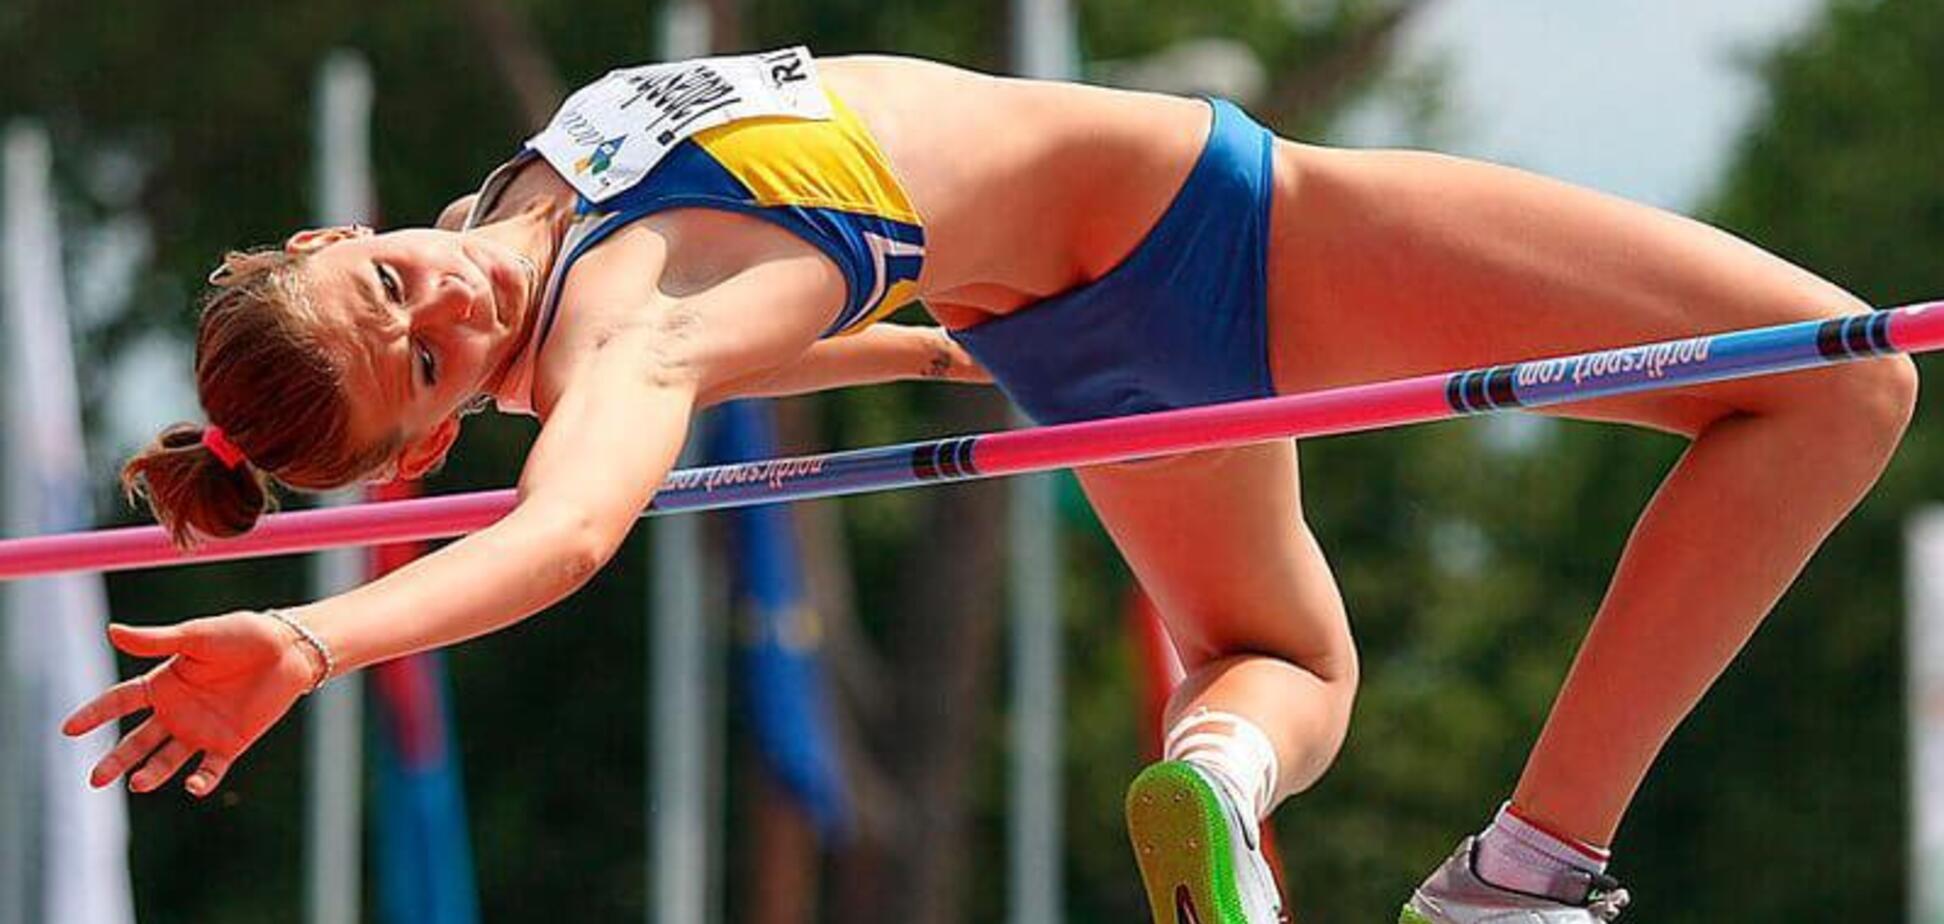 Відома українська чемпіонка жорстко покарана за застосування допінгу